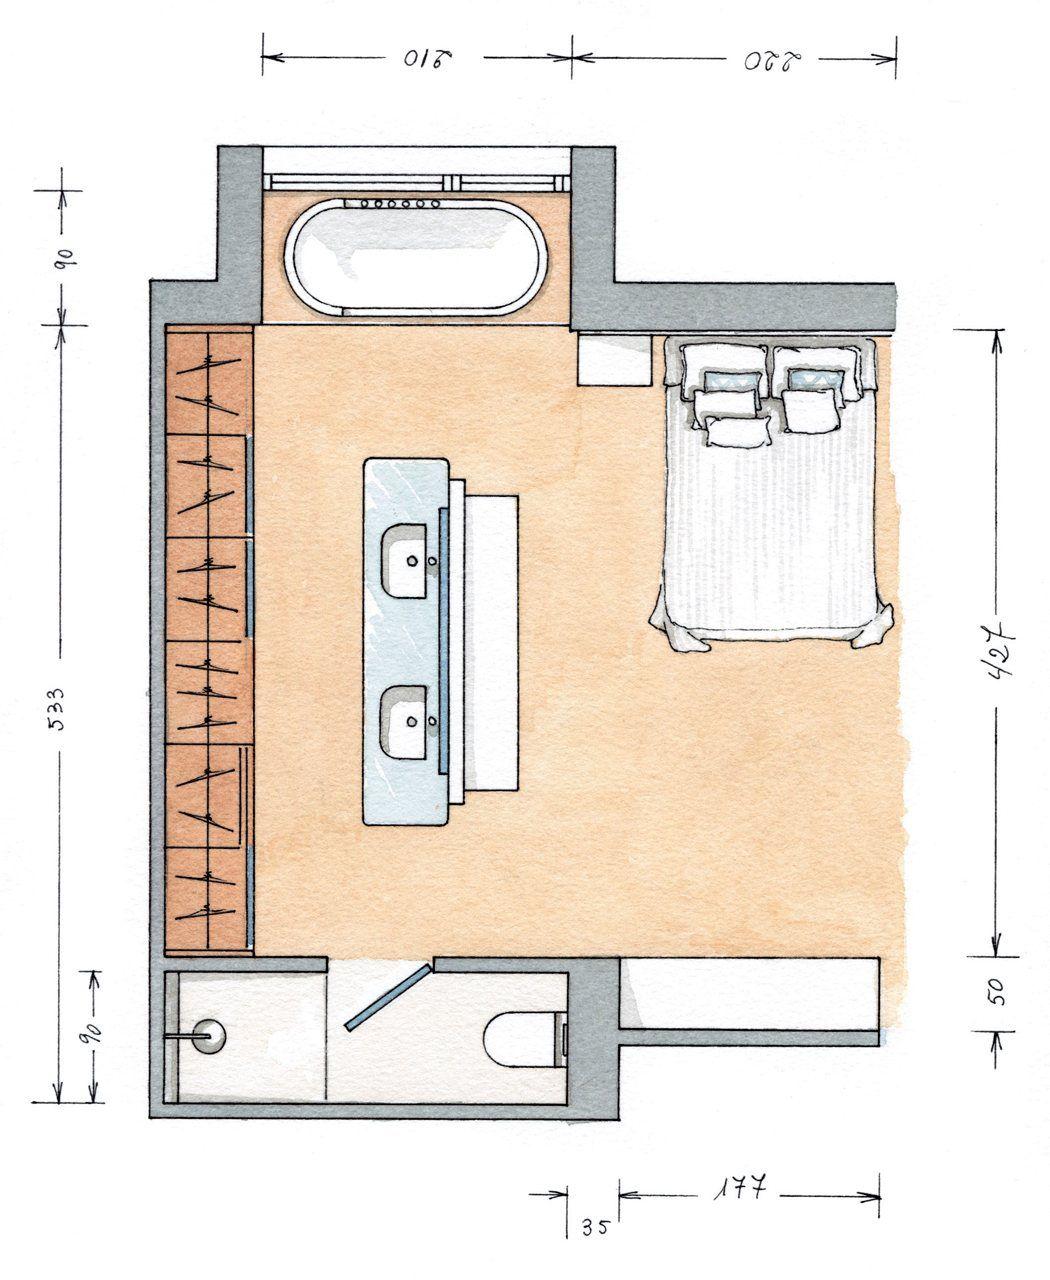 Decotips claves para un vestidor pr ctico y asequible a cada estilo de vida virlova style - Virlova style ...